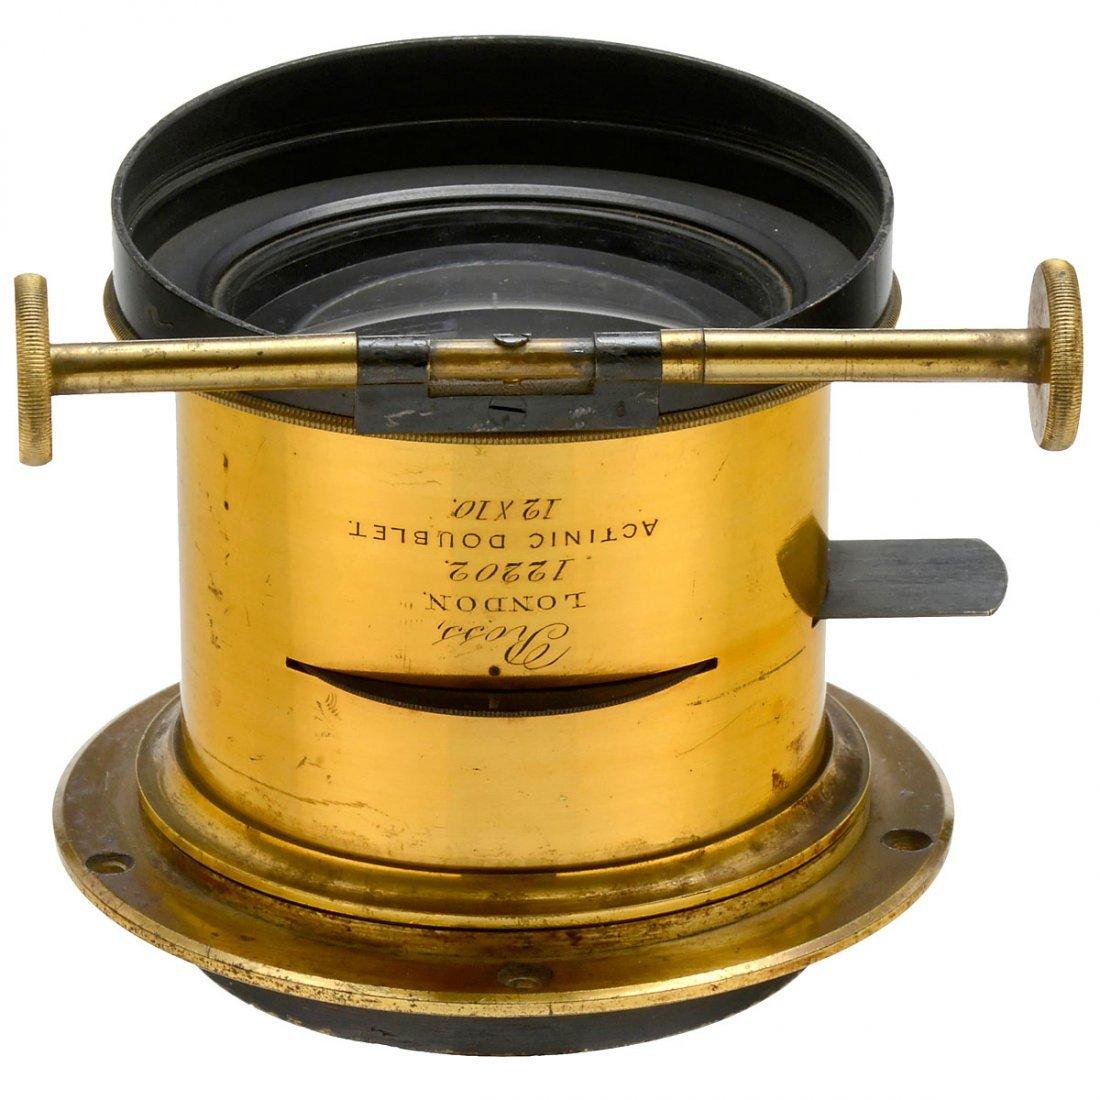 Ross Actinic Doublet 12 x 10, No. 12202, c. 1862